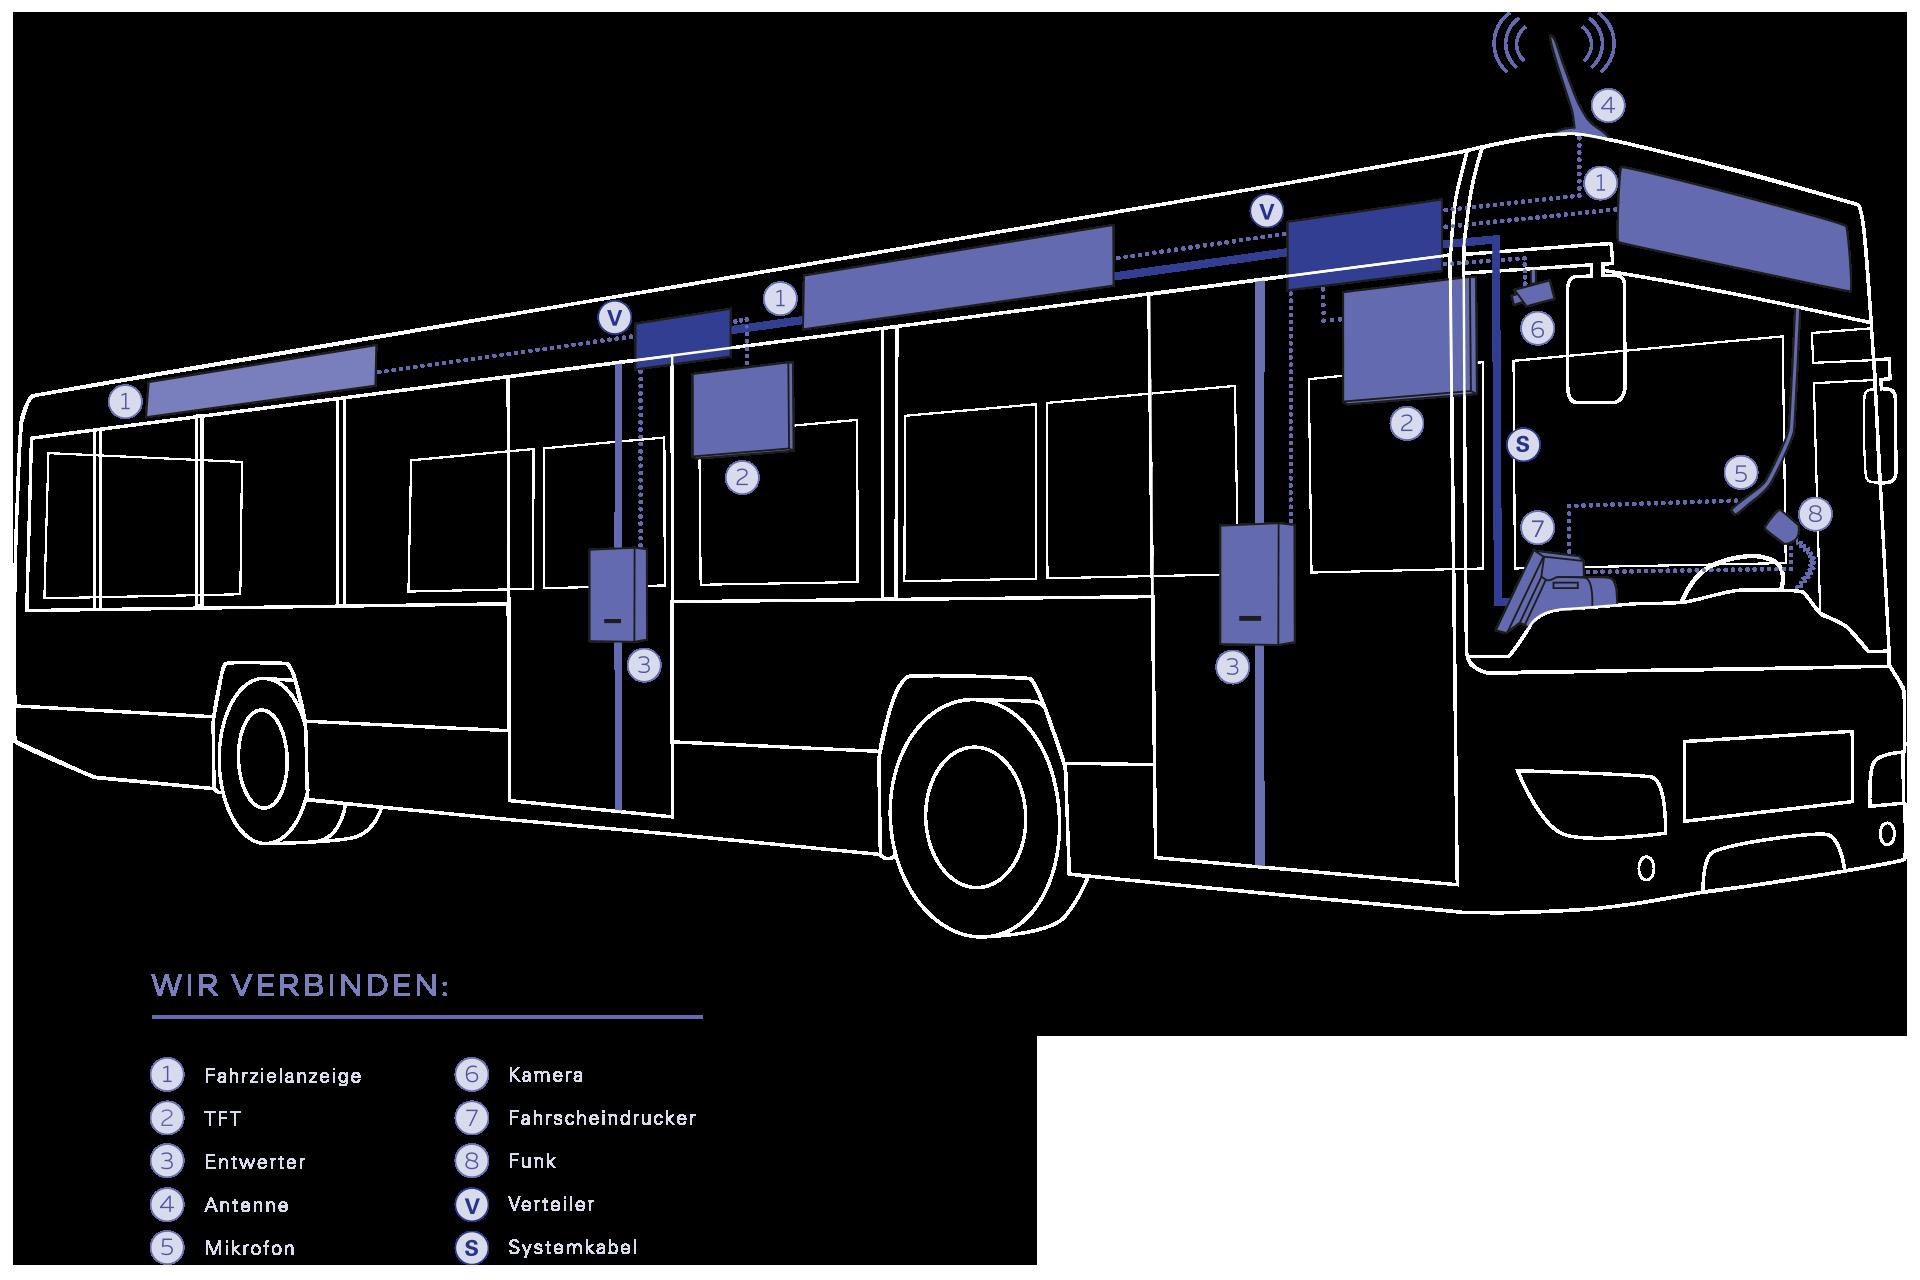 ÖPNV-Service